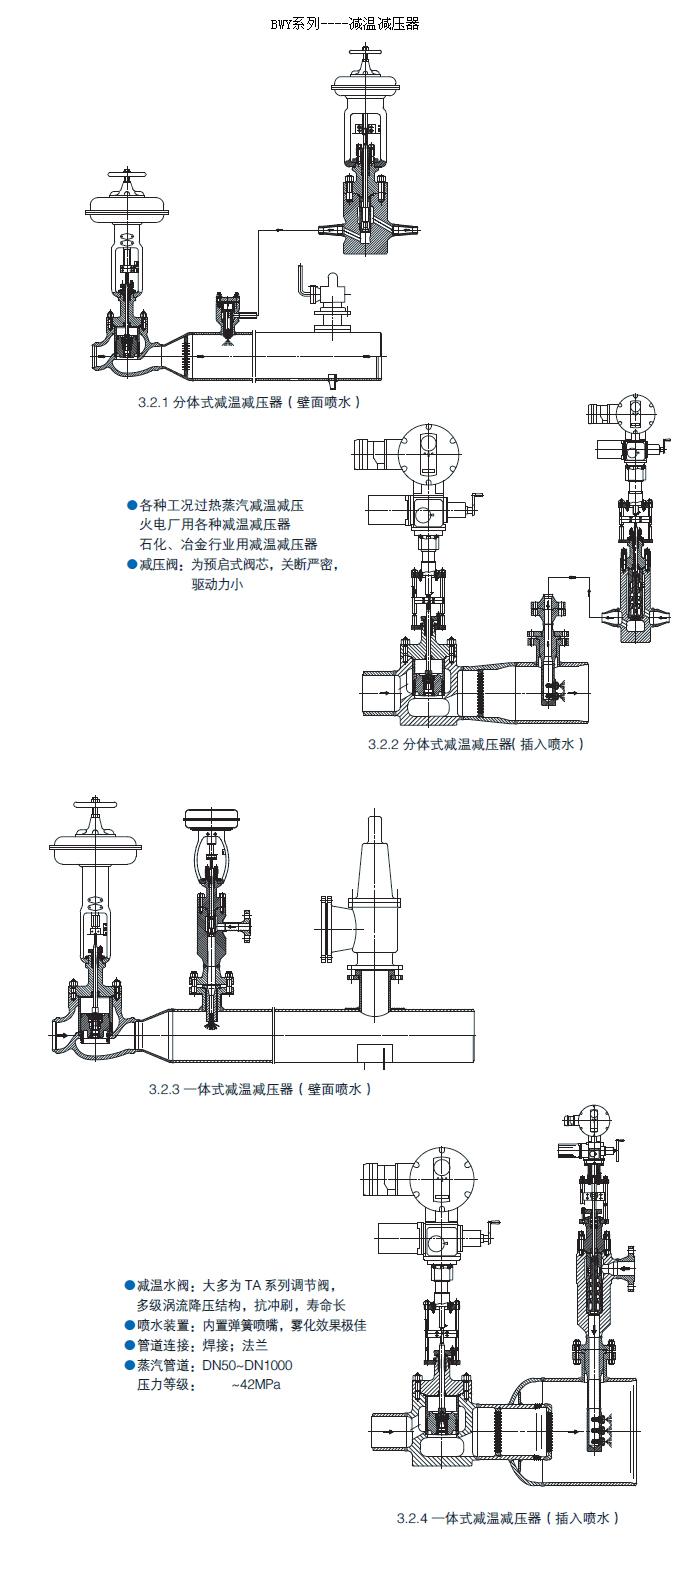 电路 电路图 电子 原理图 697_1589 竖版 竖屏